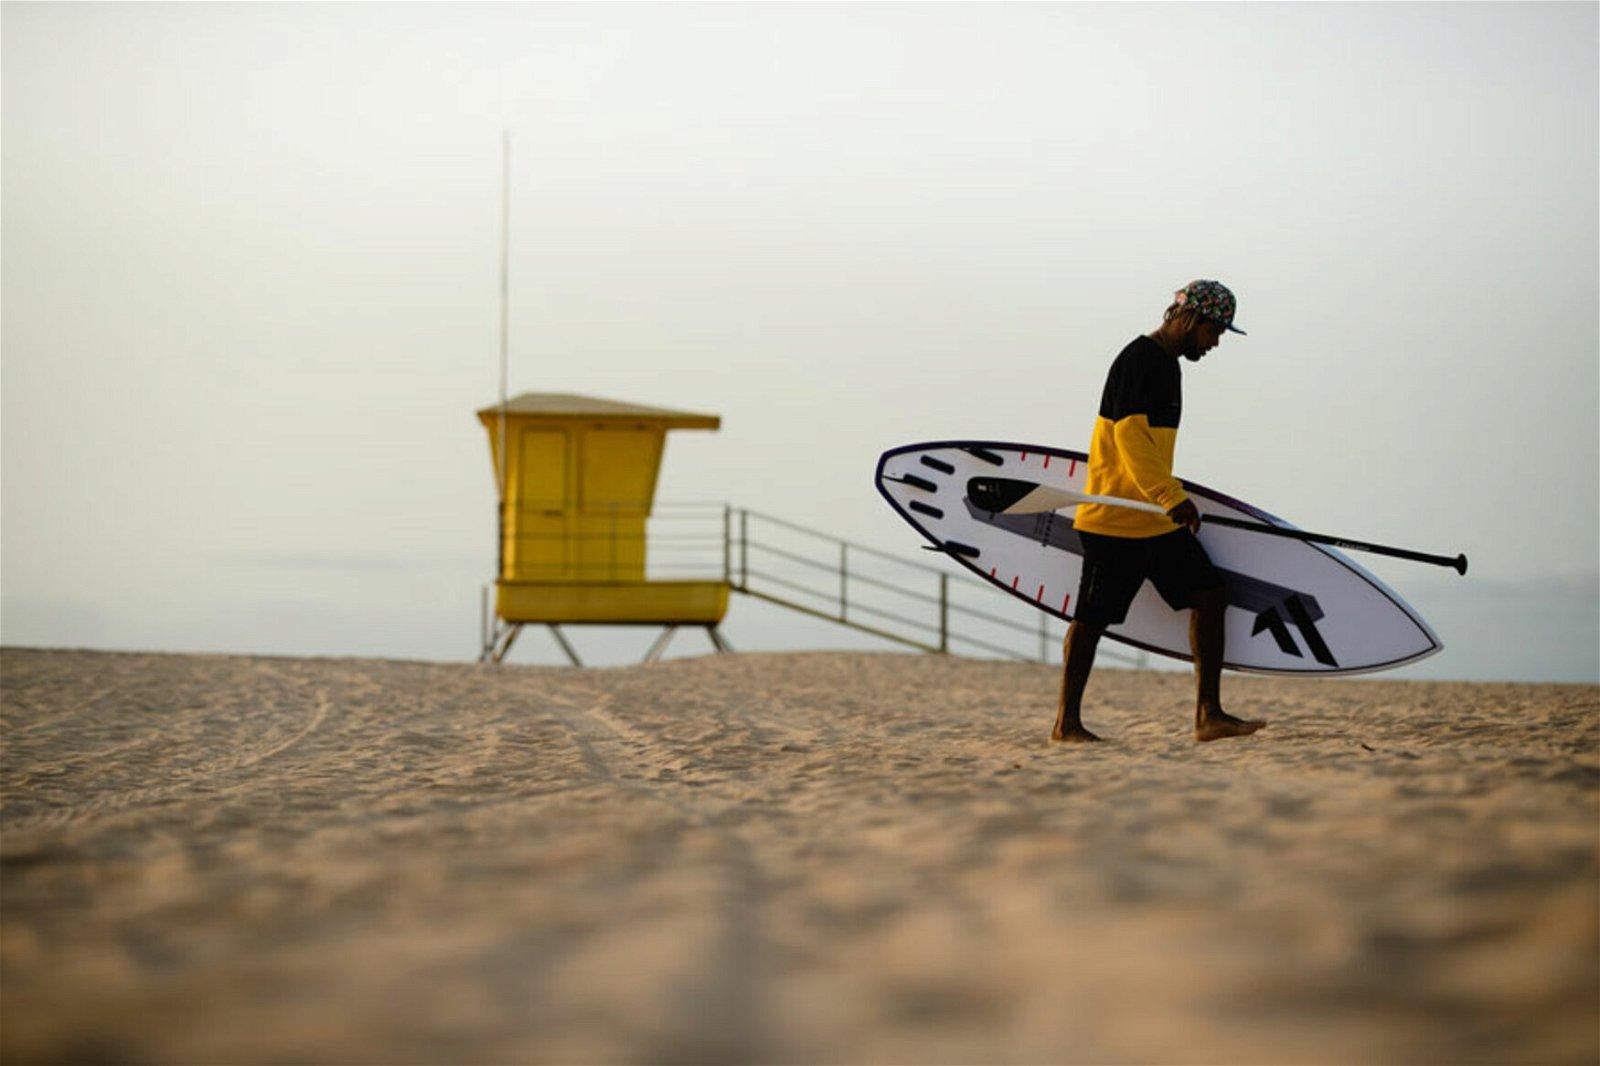 Airton-Sweater-Surfing-Elements_01.jpg